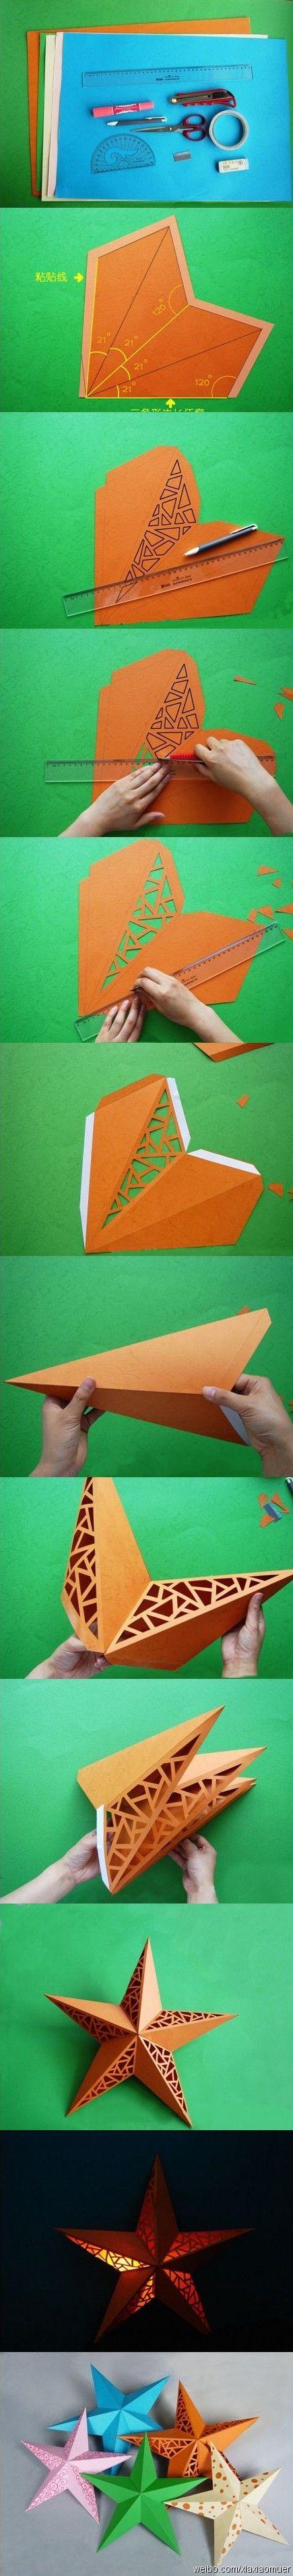 Lampara estrella de papel detalle